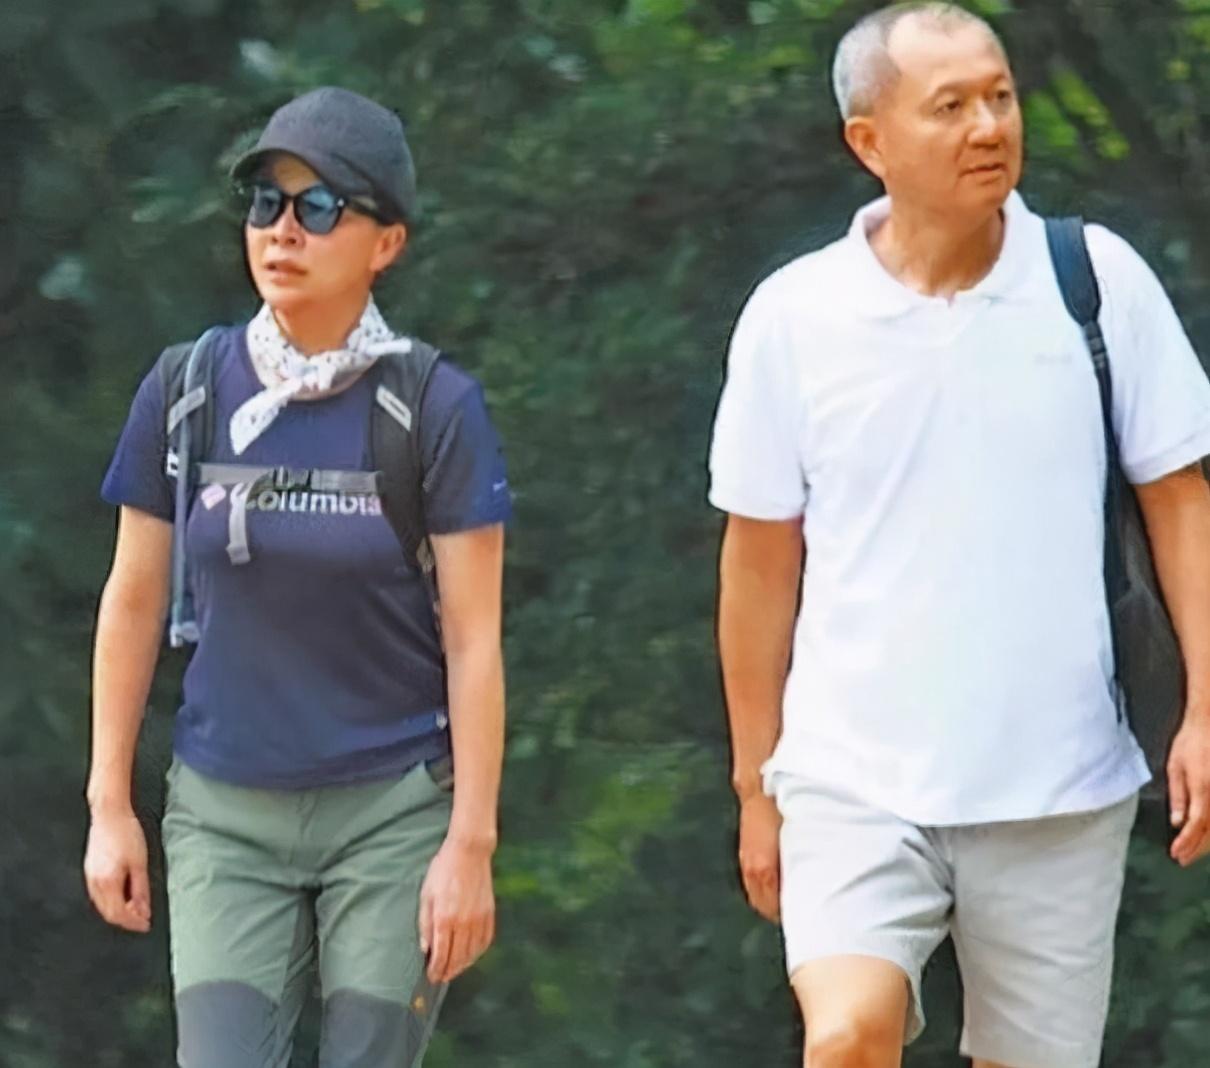 關之琳劉嘉玲同框, 後者被指笑容勉強, 曾傳因富商毀20年閨蜜情-圖4